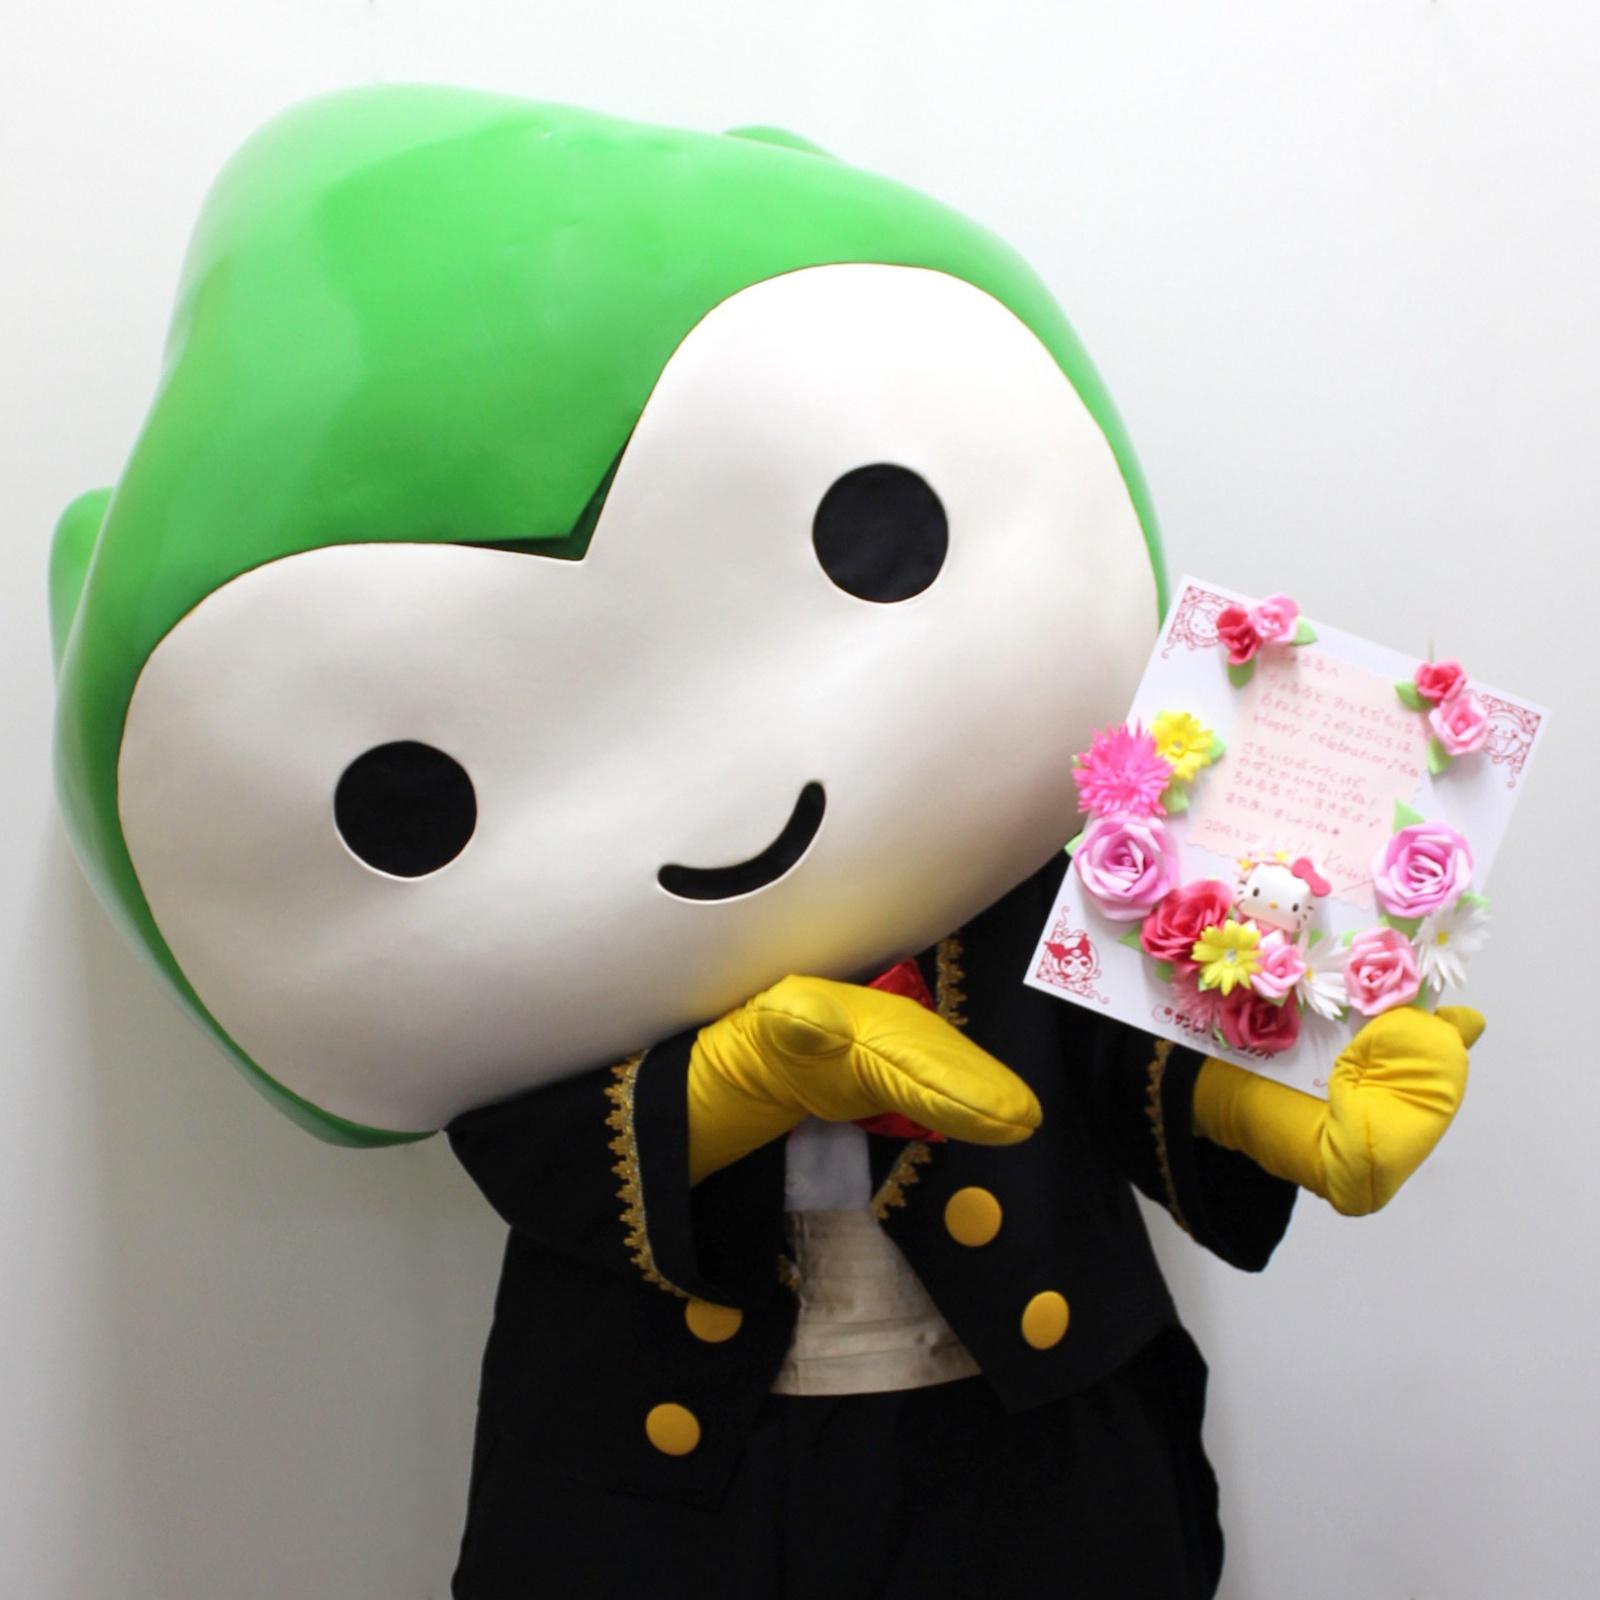 「おともだち記念日」をキティちゃんと一緒にお祝いしたよ☆彡